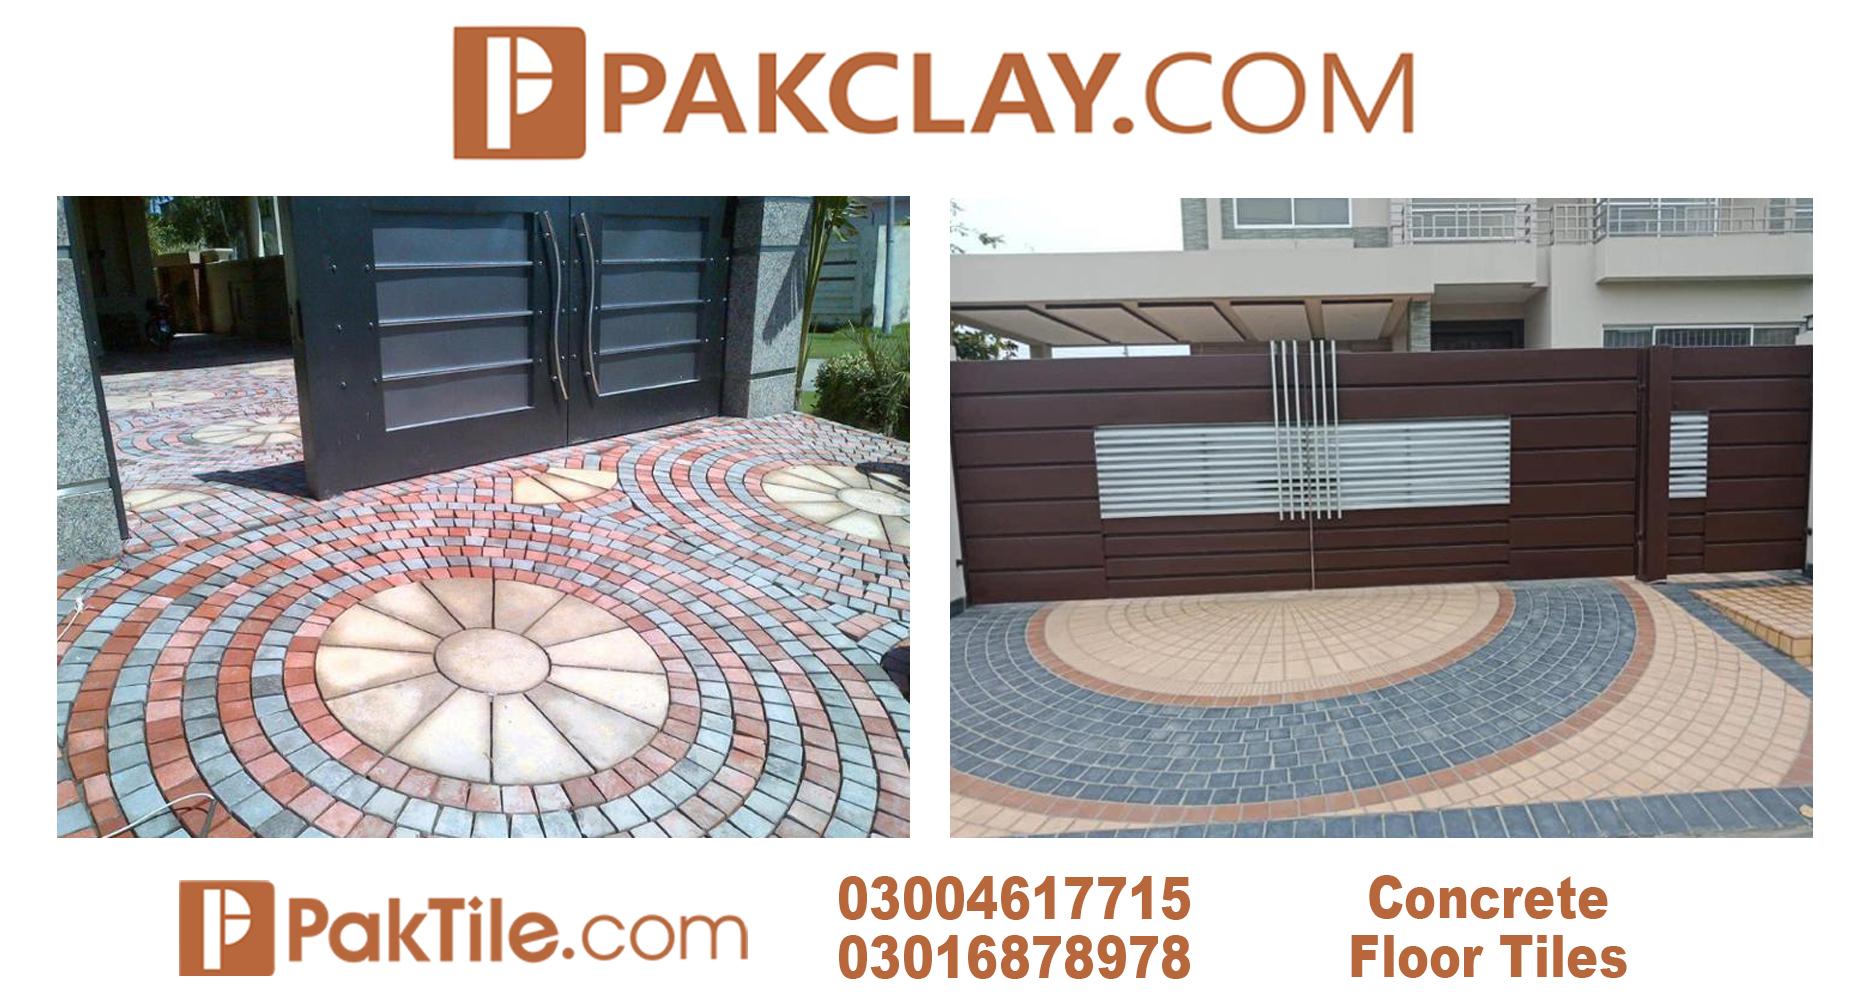 27 Exterior Floor Tiles Price in Pakistan